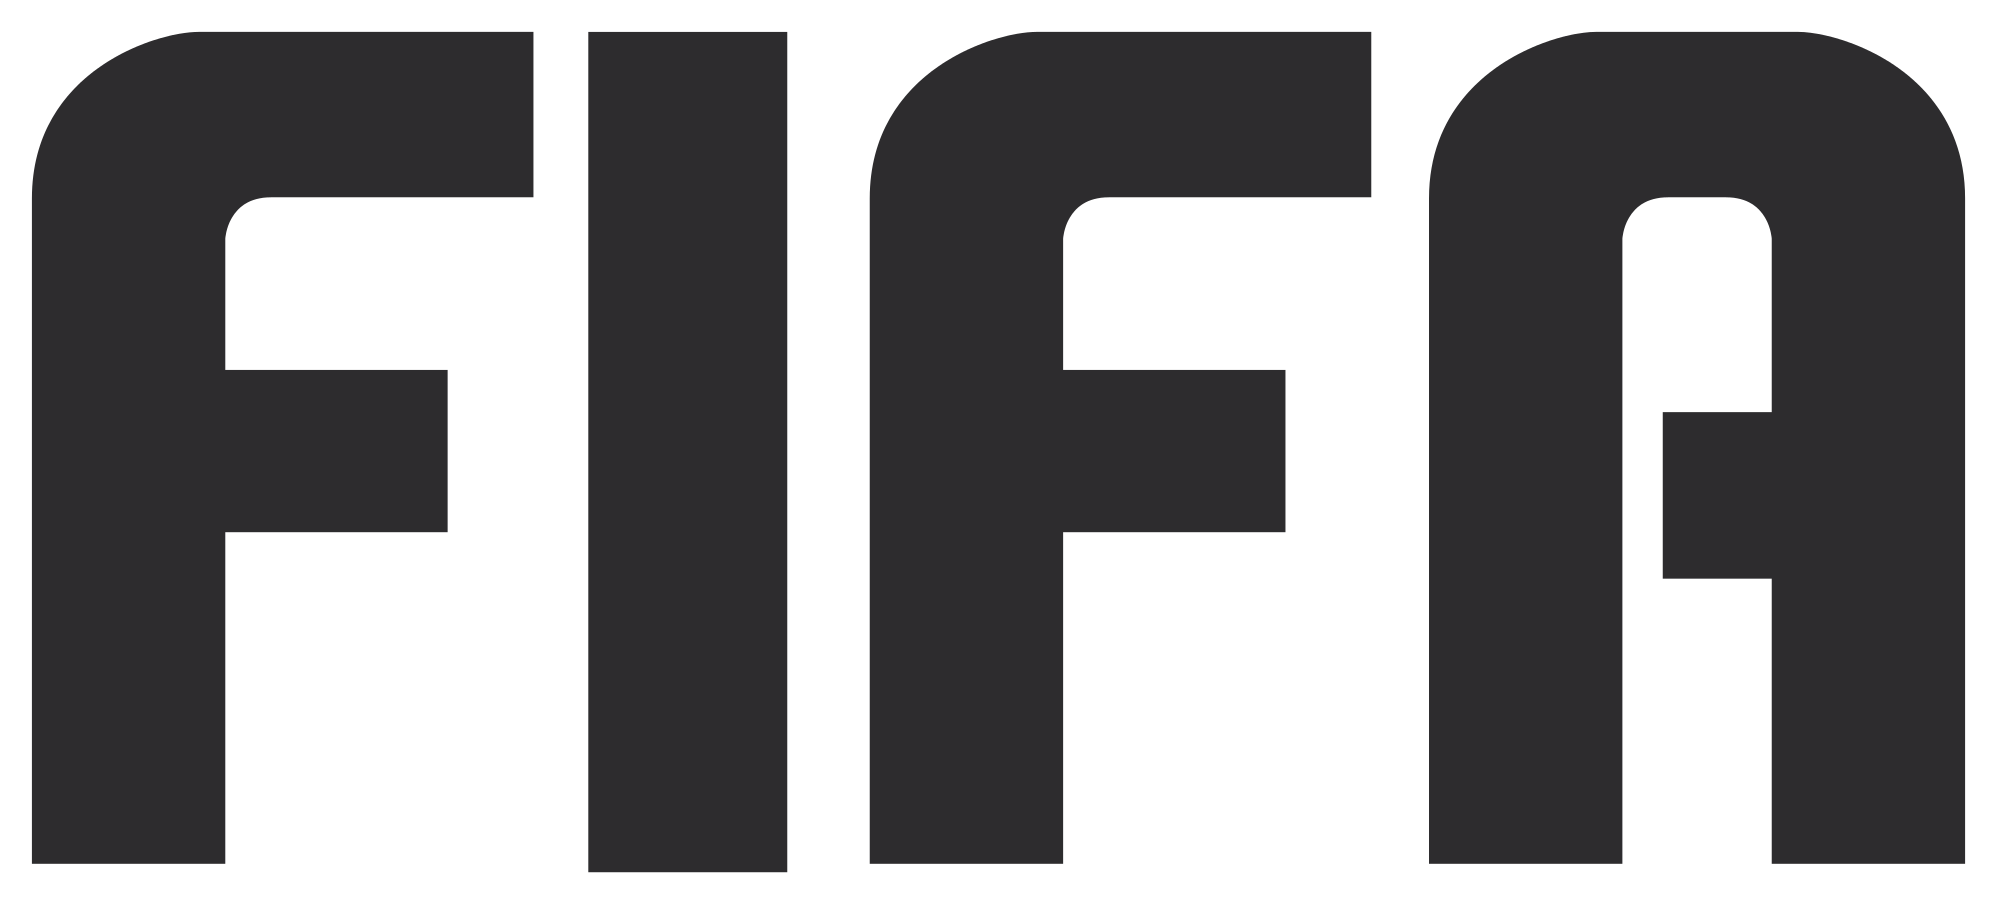 FIFA series logo.svg.png - Fifa PNG